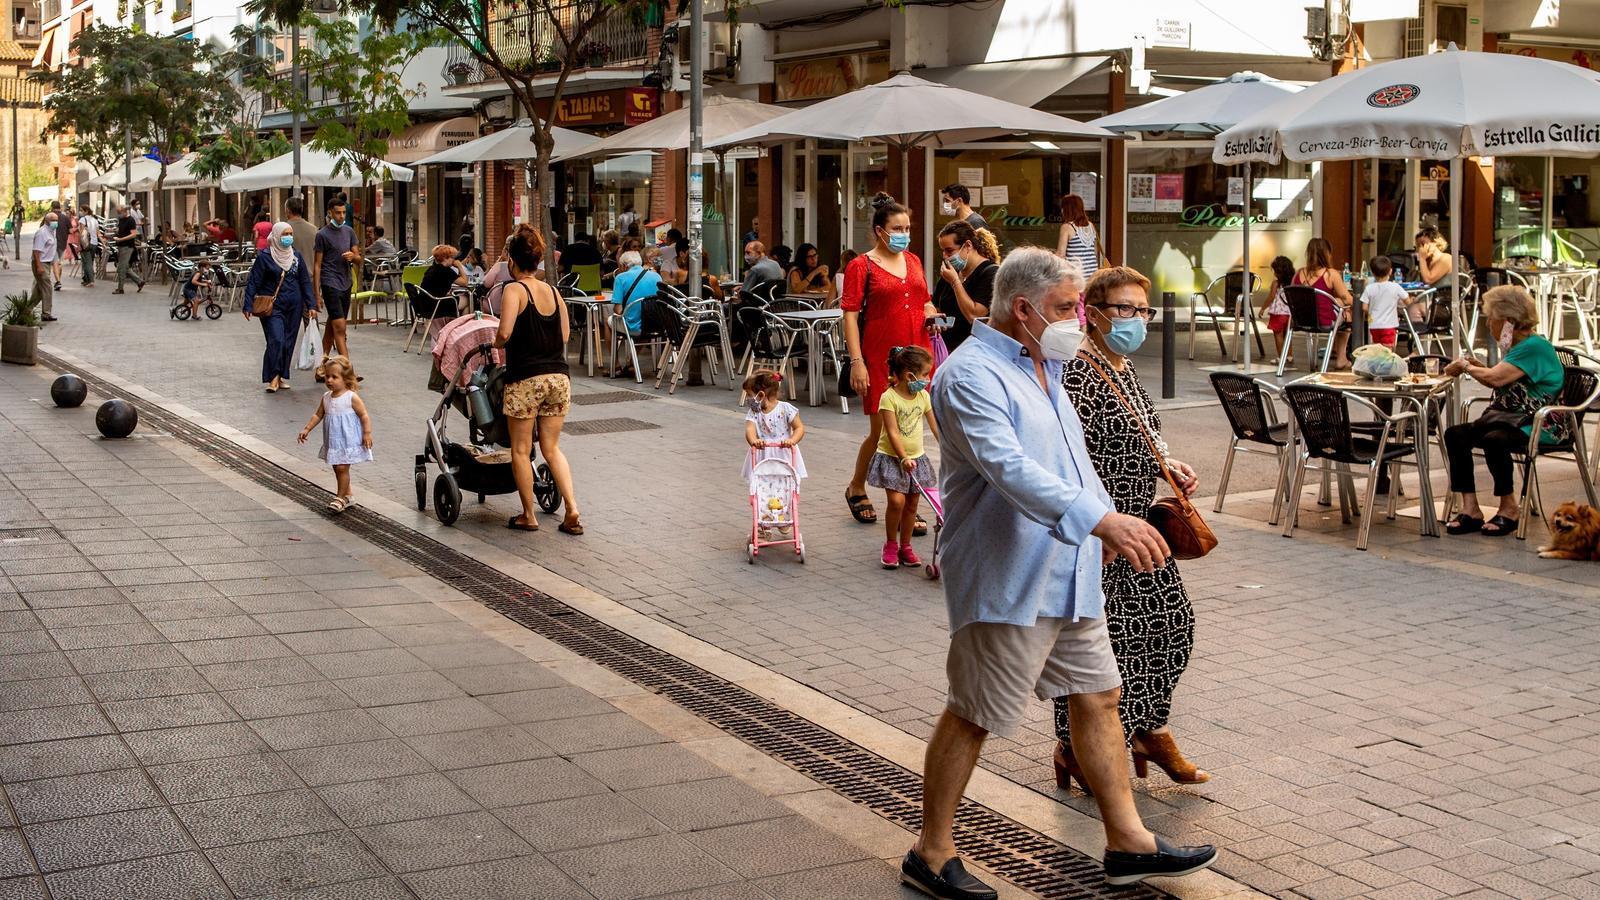 Un carrer de Castelldefels, que juntament amb Gavà ha estat inclòs en el grup de municipis amb restriccions per frenar l'expansió del covid-19